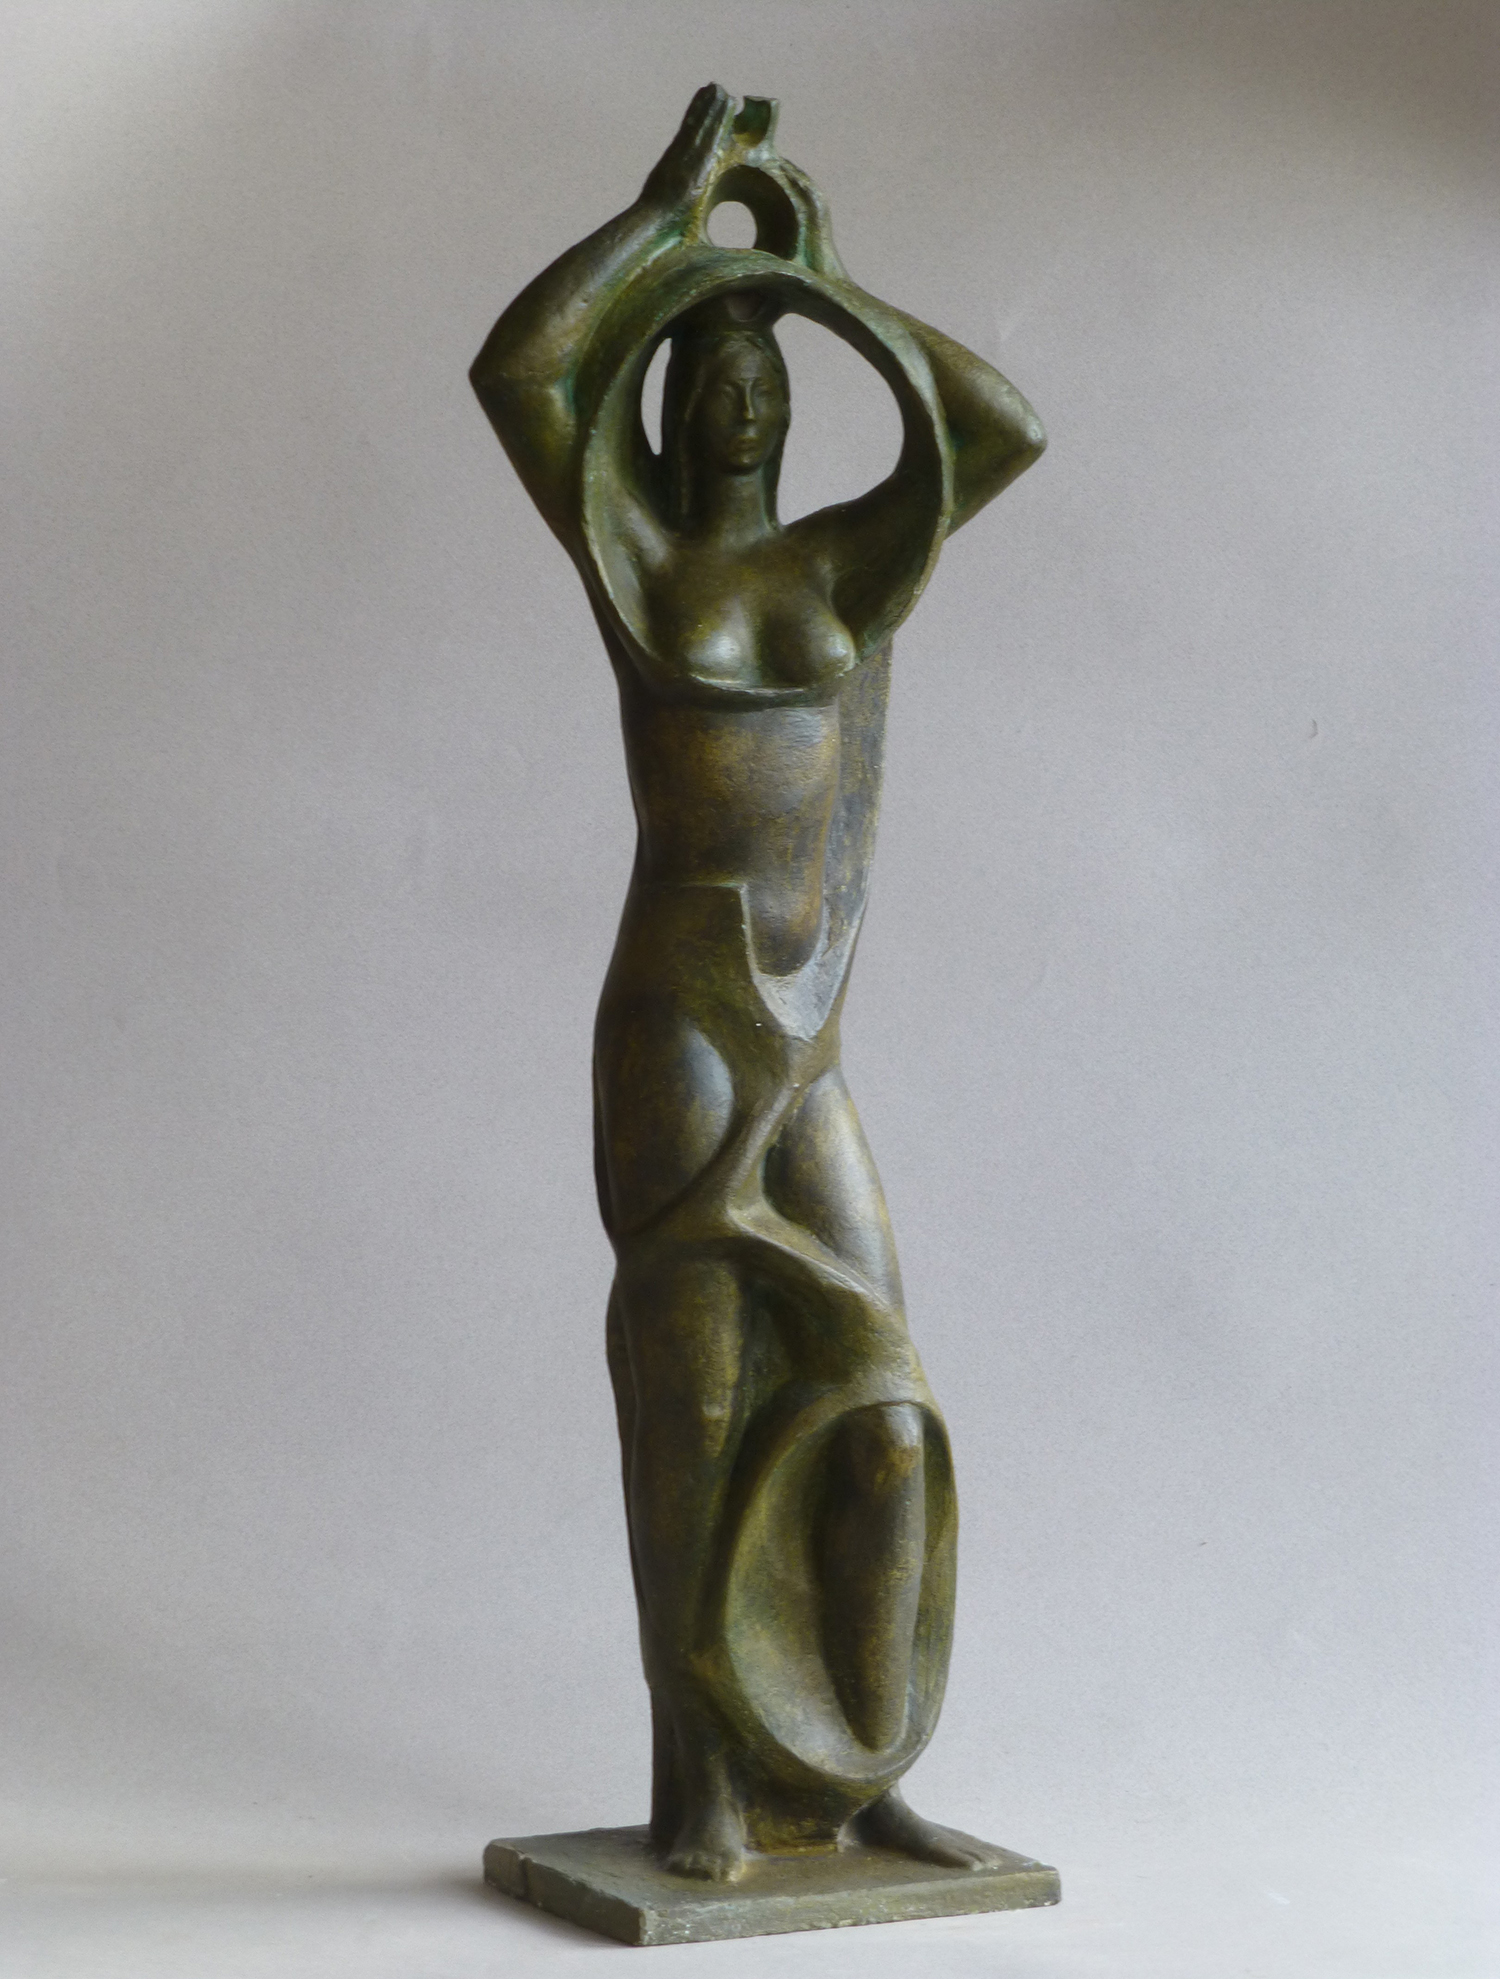 1974.2. Mujer de pie con cántaro, mayólica patinada, 57x19x10 cms.. Boceto para Fuentes Avda. de Oporto, Madrid. 1974